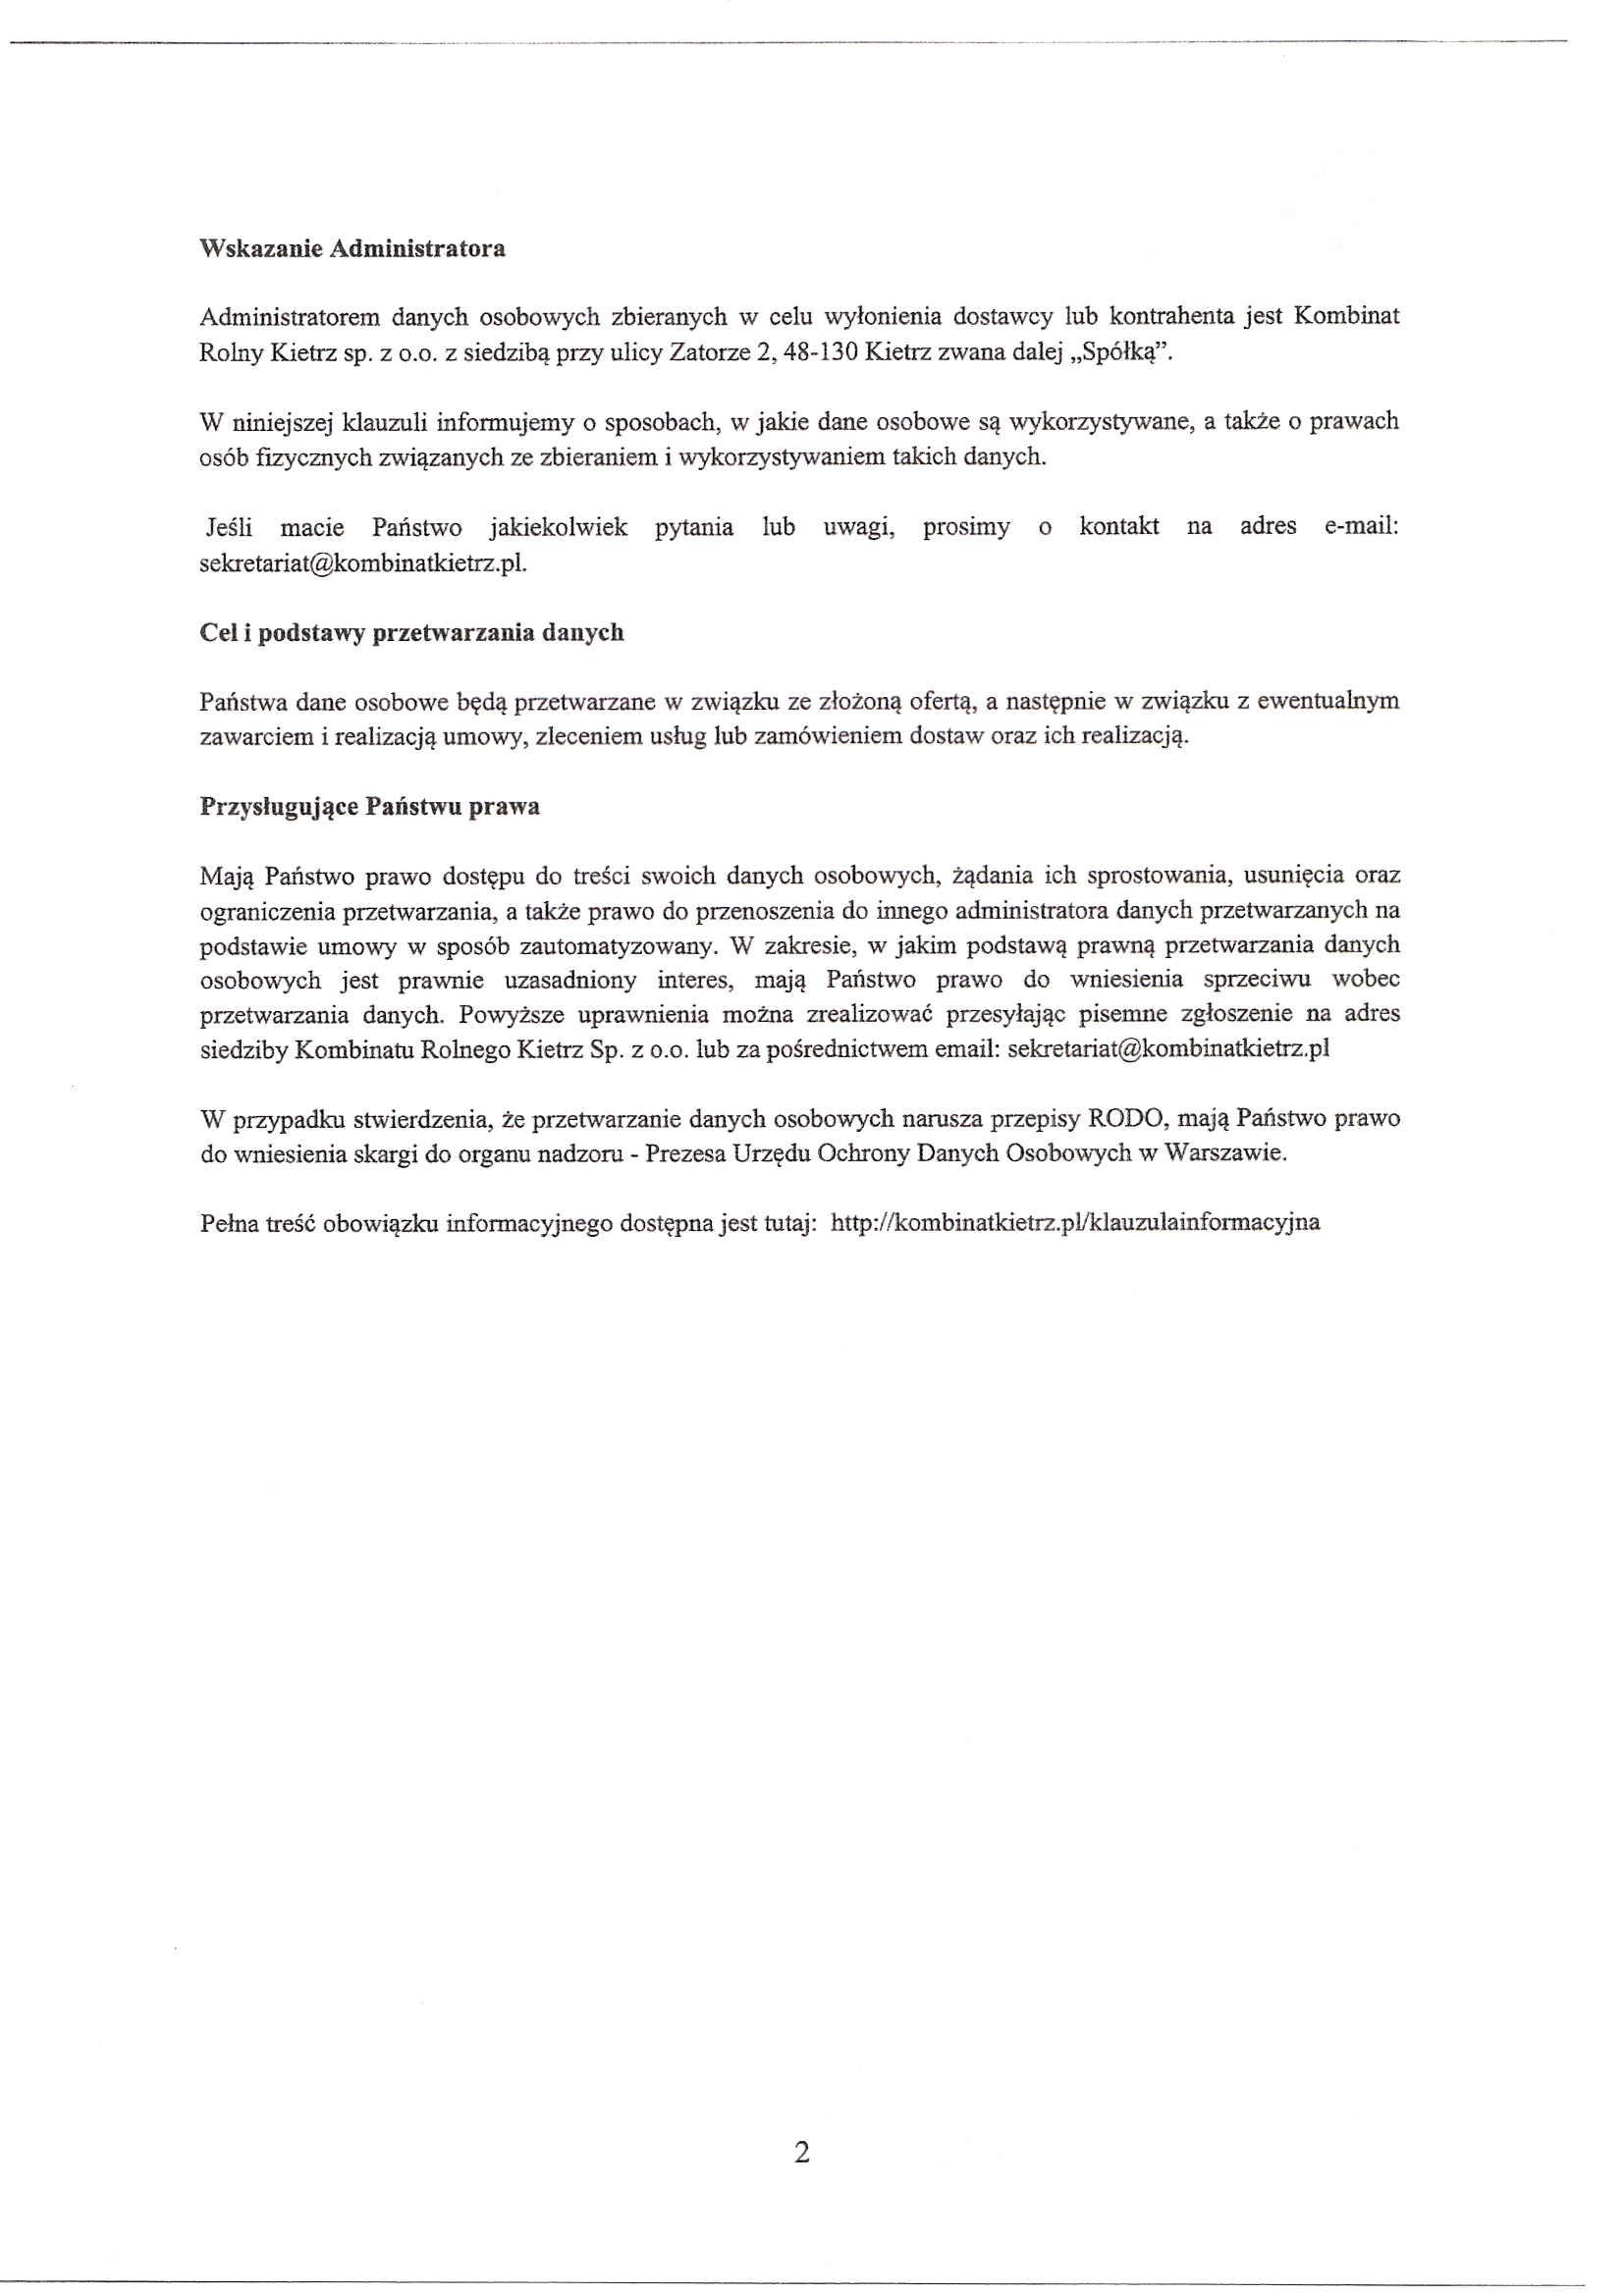 krkietrzsekretariatgmailcom-002jpg